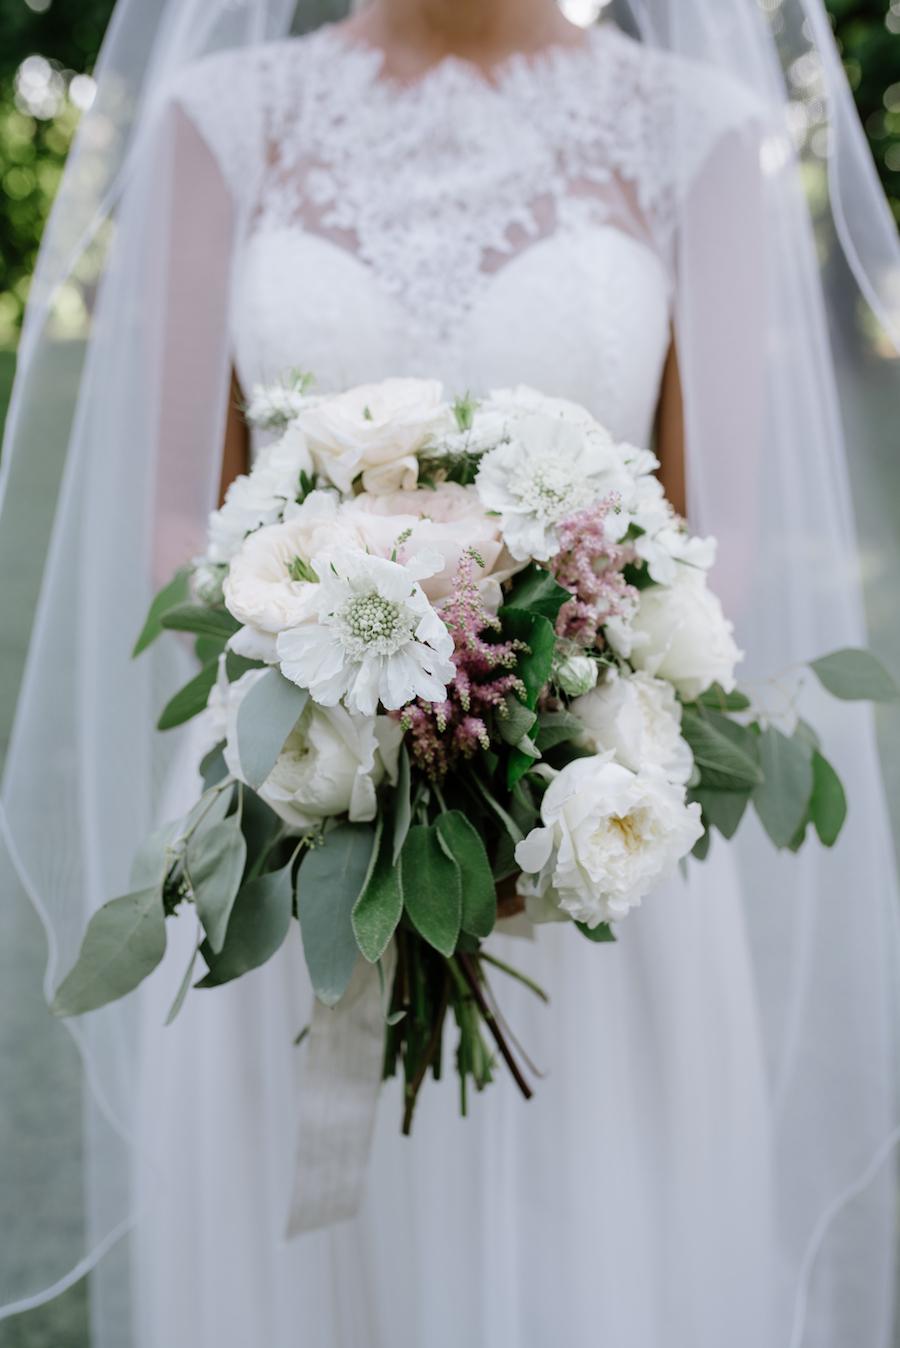 bouquet boho chic bianco, rosa e verde